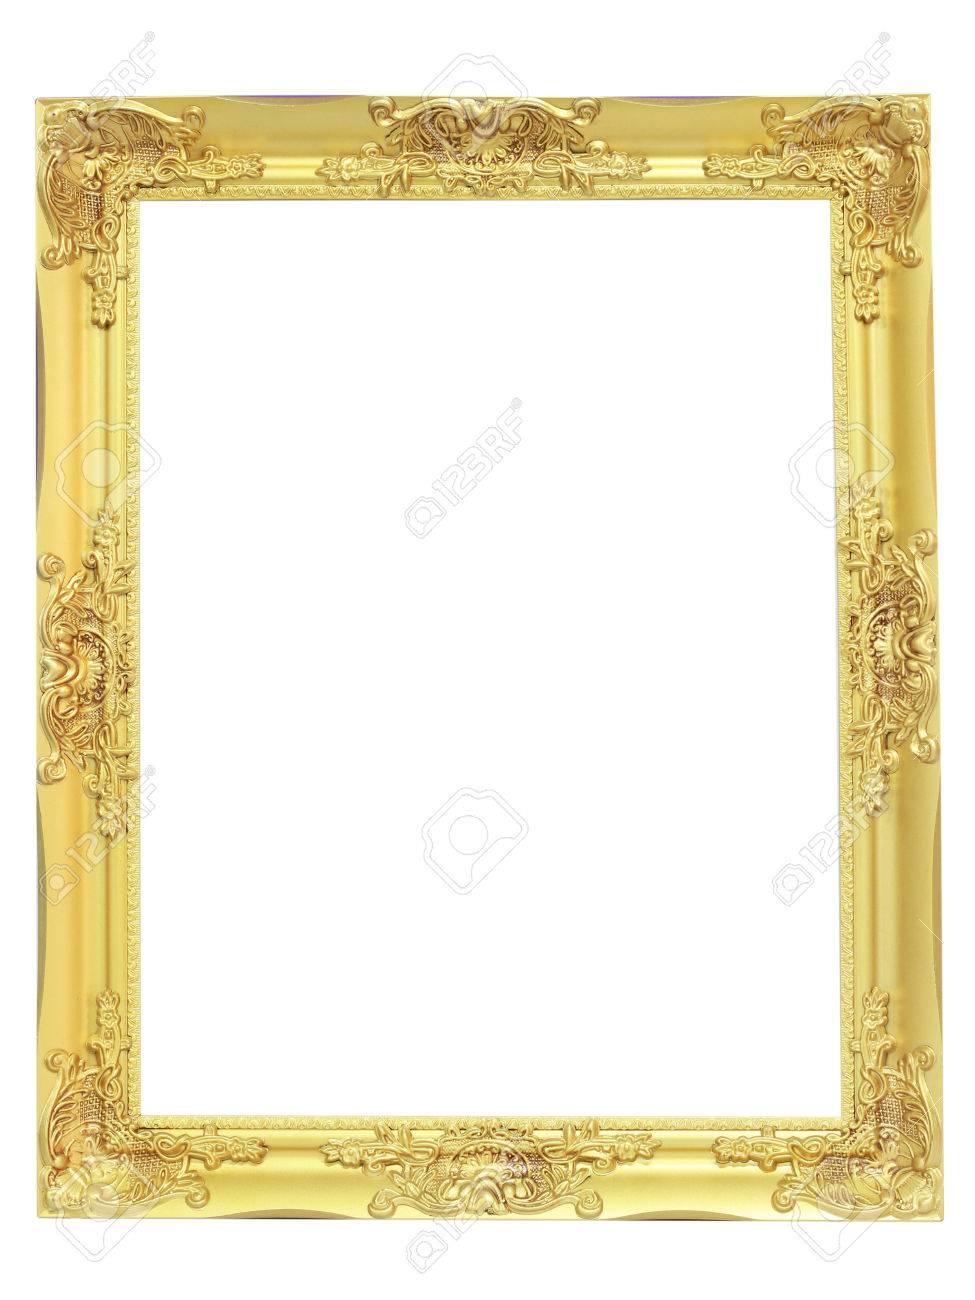 Goldenen Vintage-Rahmen Auf Weißem Hintergrund Lizenzfreie Fotos ...